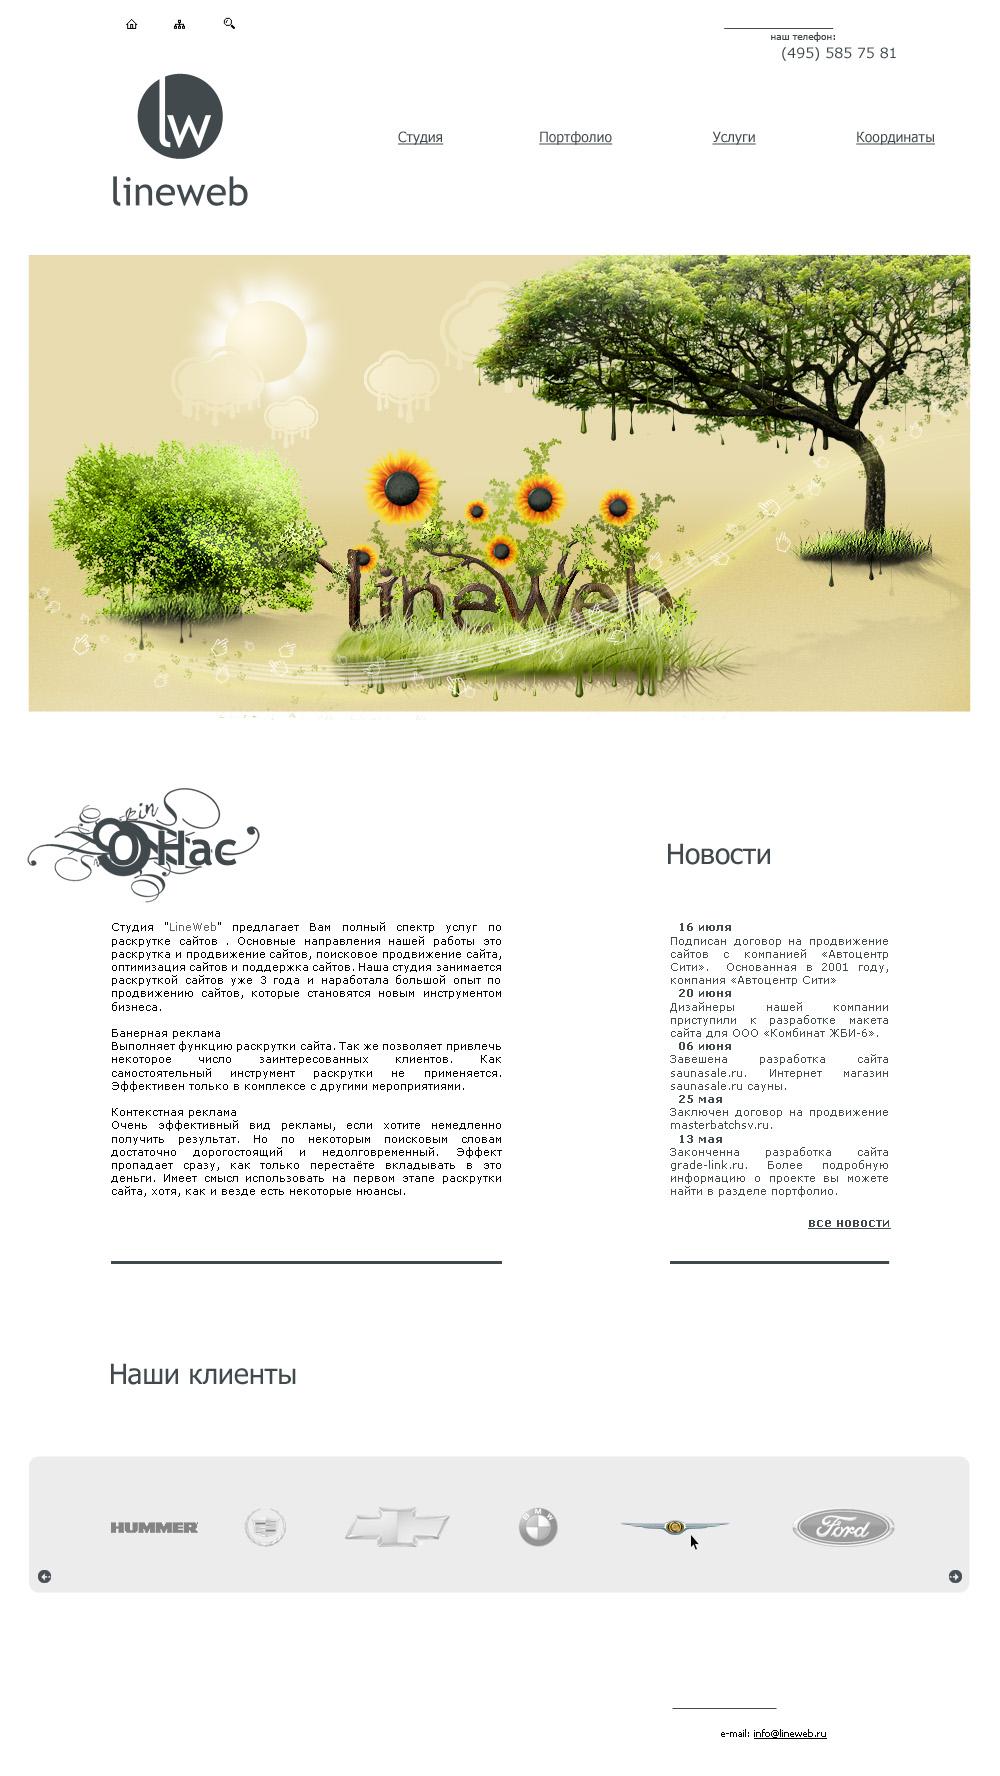 Дизайн сайта для студии Lineweb